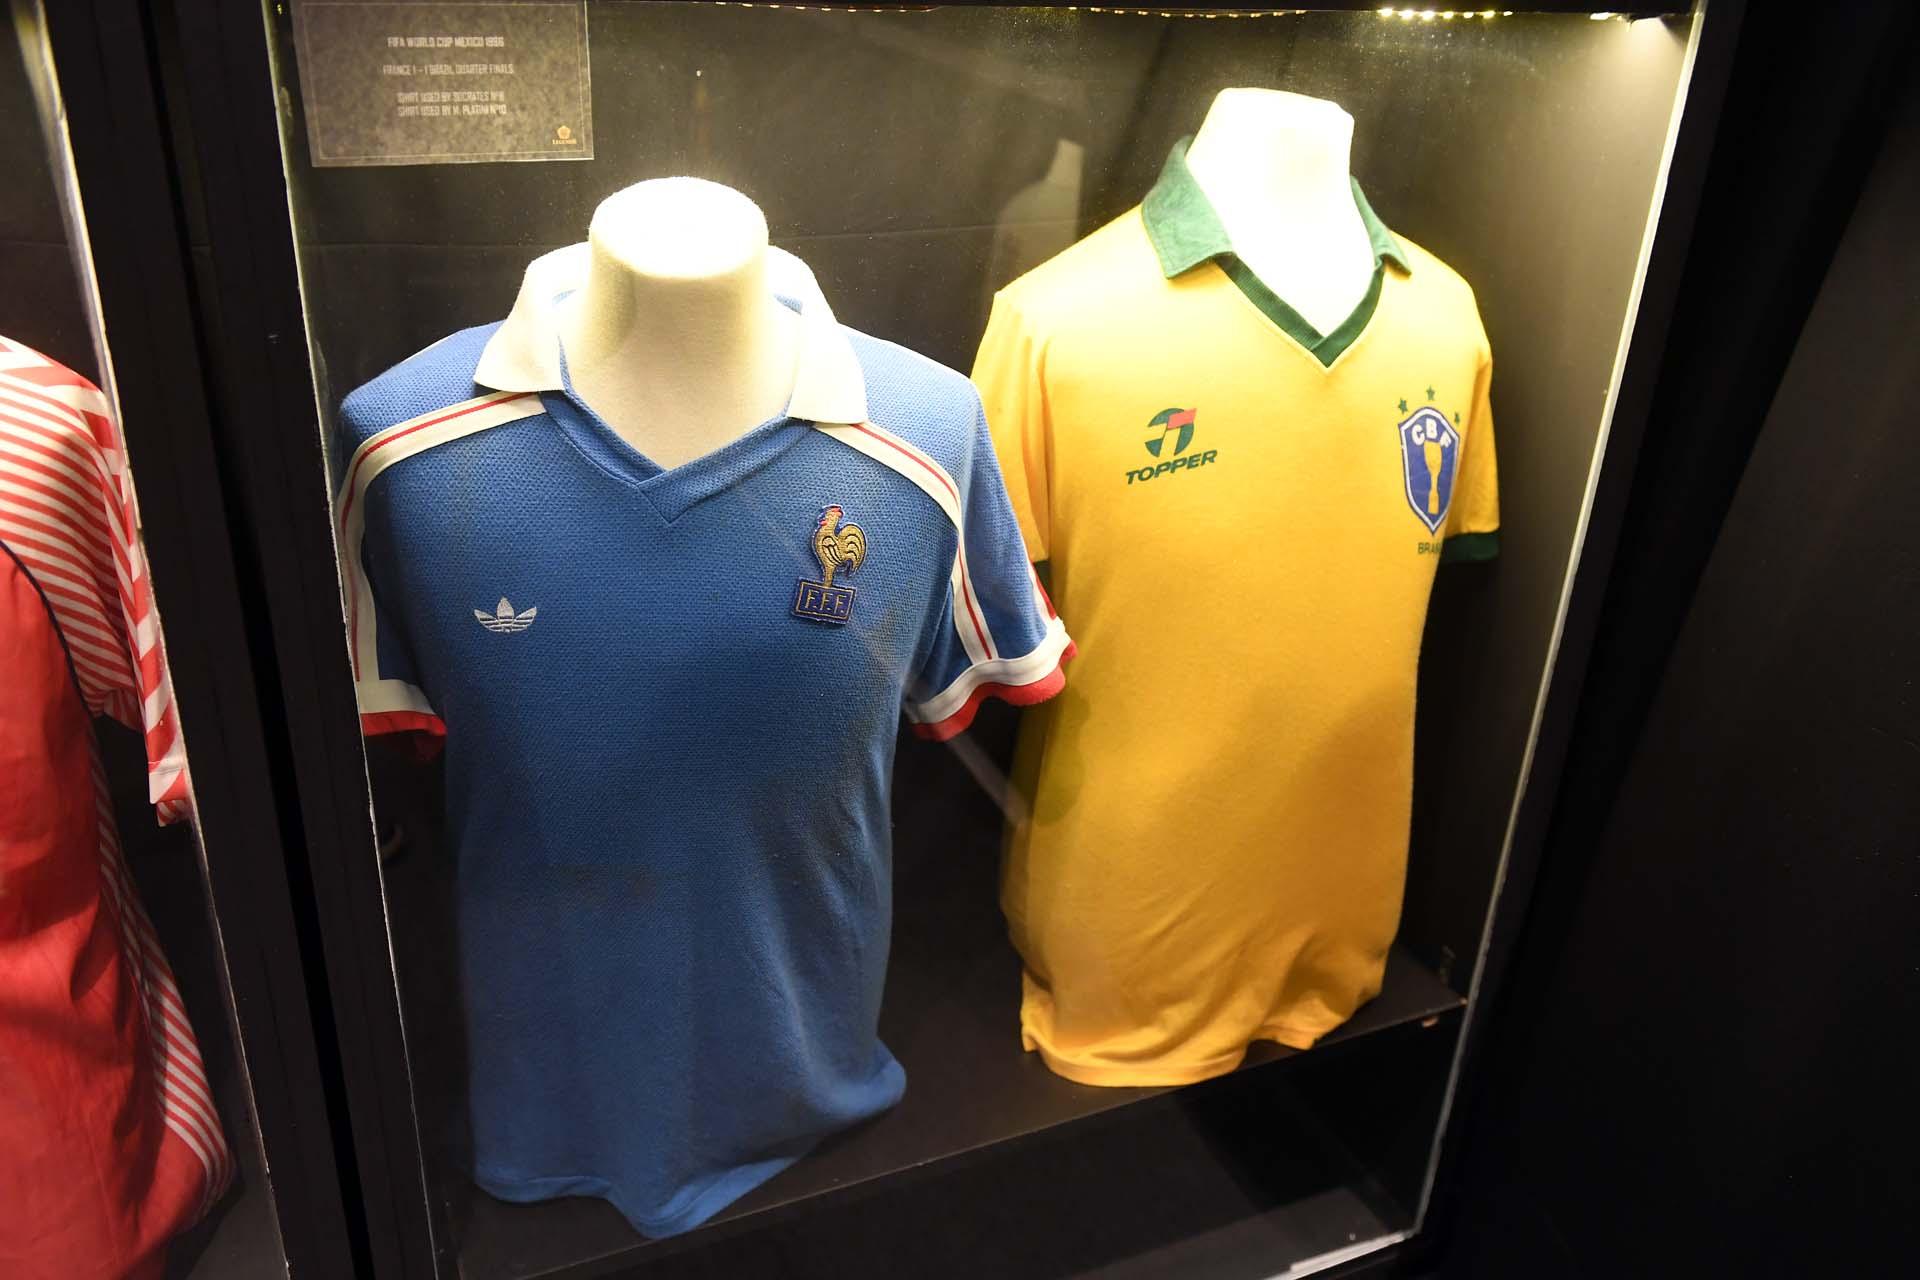 Las camisetas que usaron el francés Yannick Stopyra y el brasileño Branco en el 1-1 por los cuartos de final del Mundiala 86 (Nicolás Stulberg)